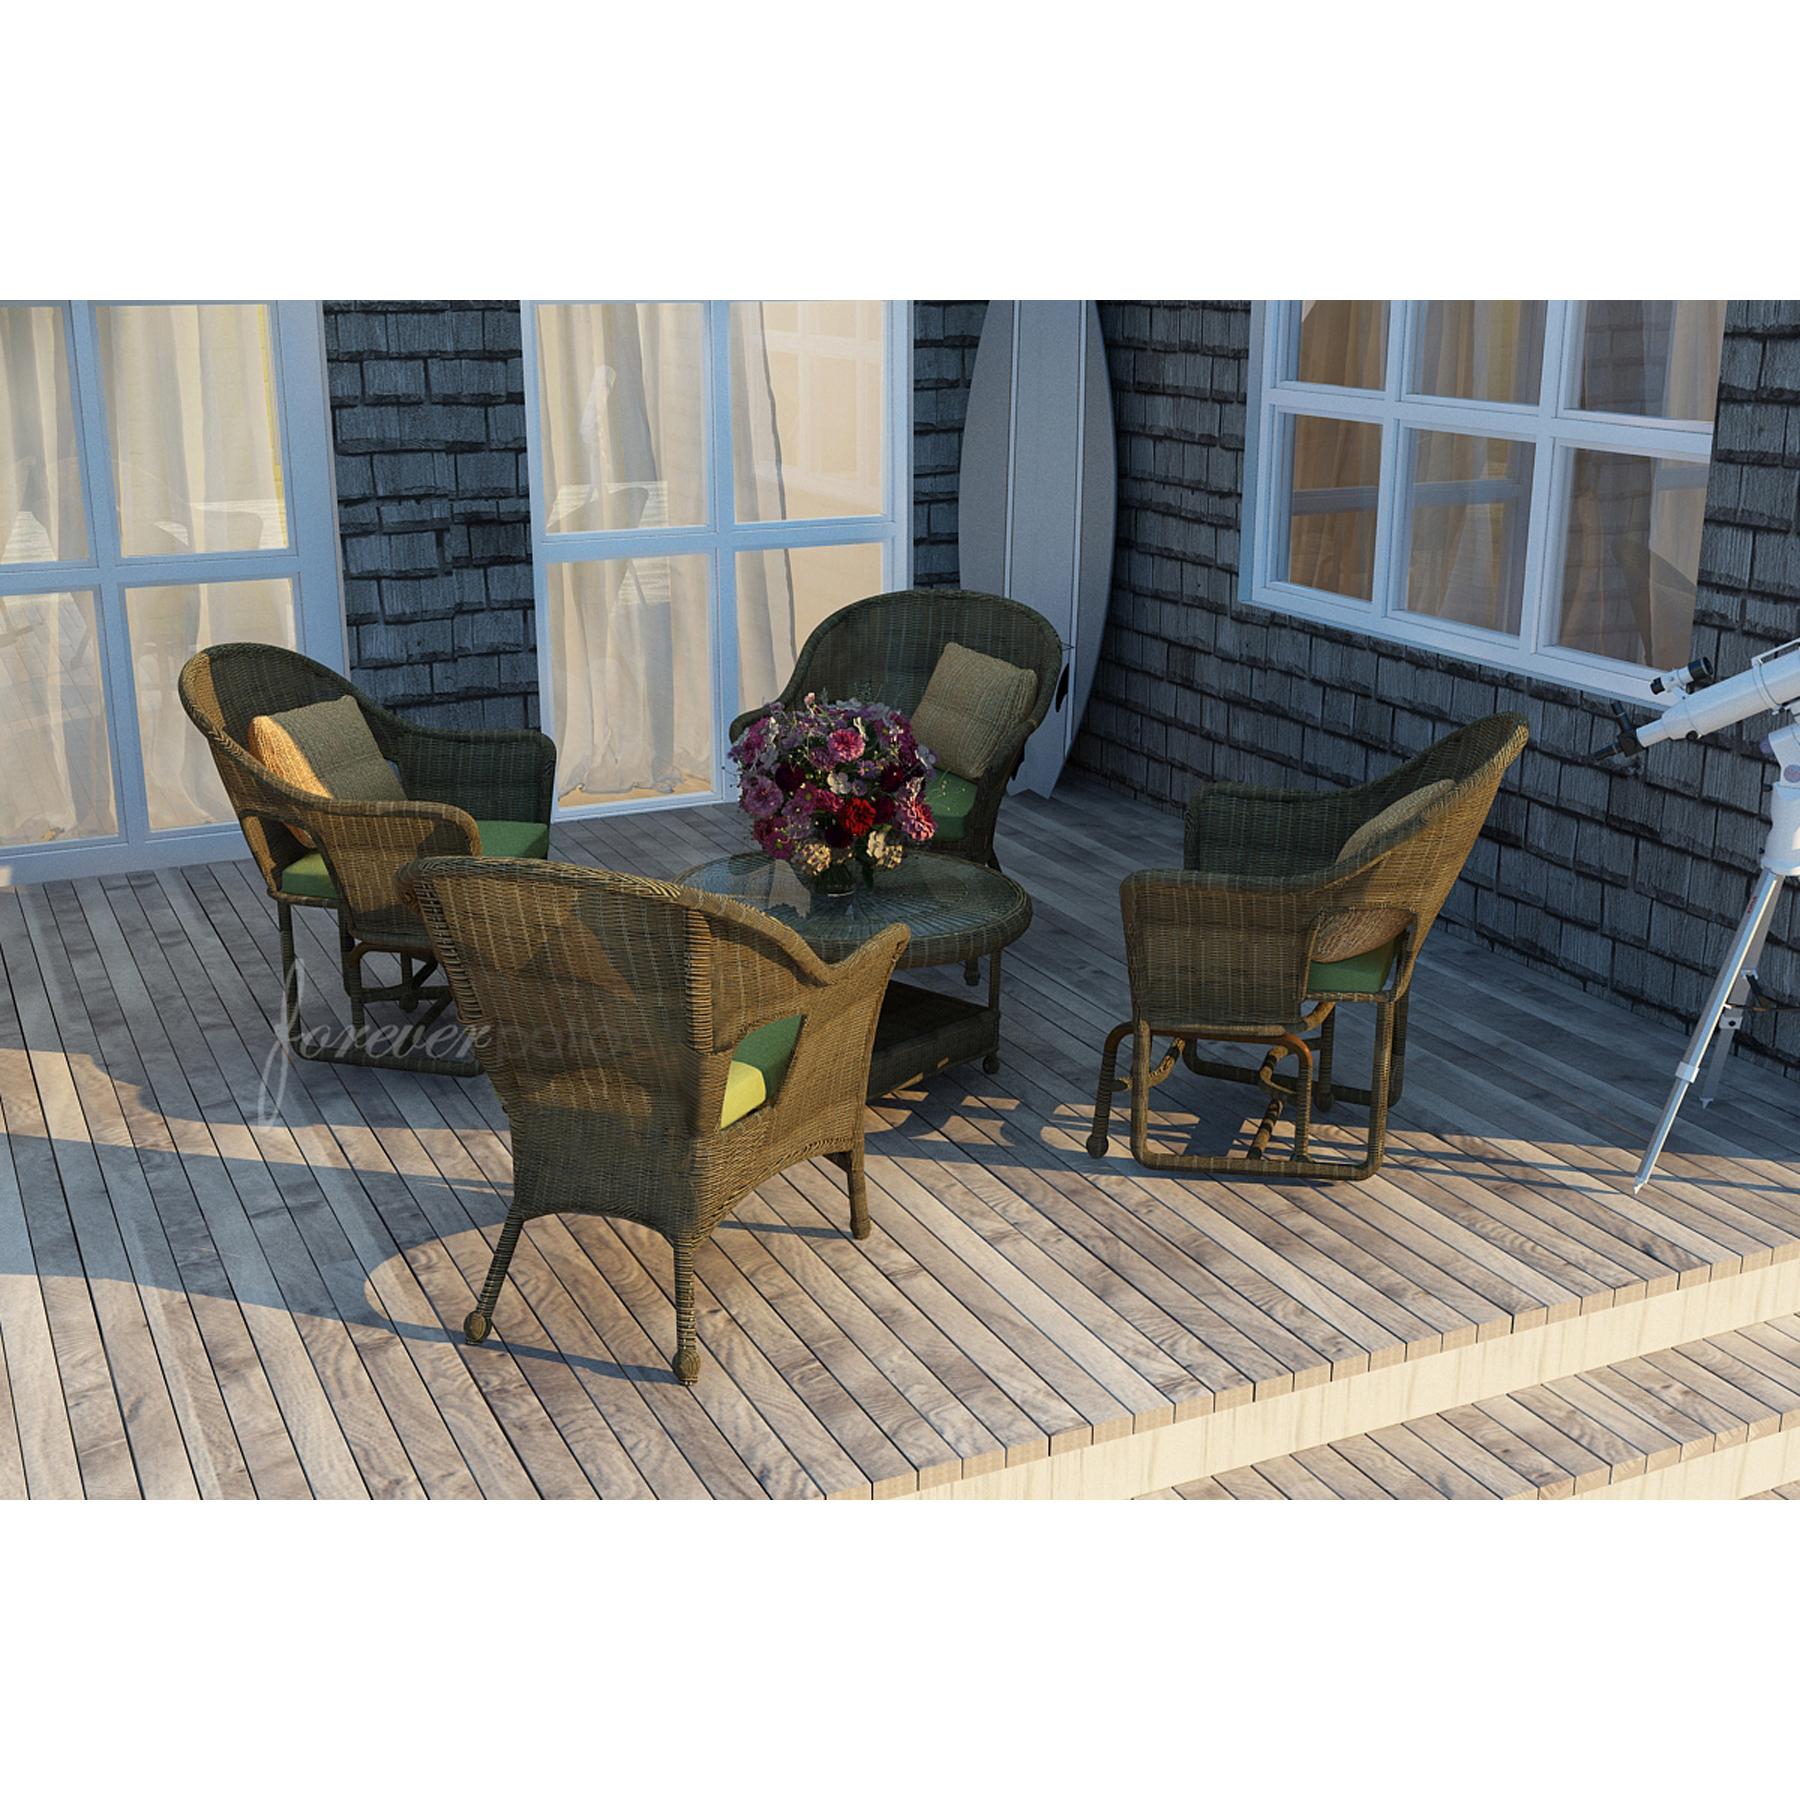 Forever Patio Rockport 5pc Patio at Set featuring Sunbrella® in Spectrum Cilantro